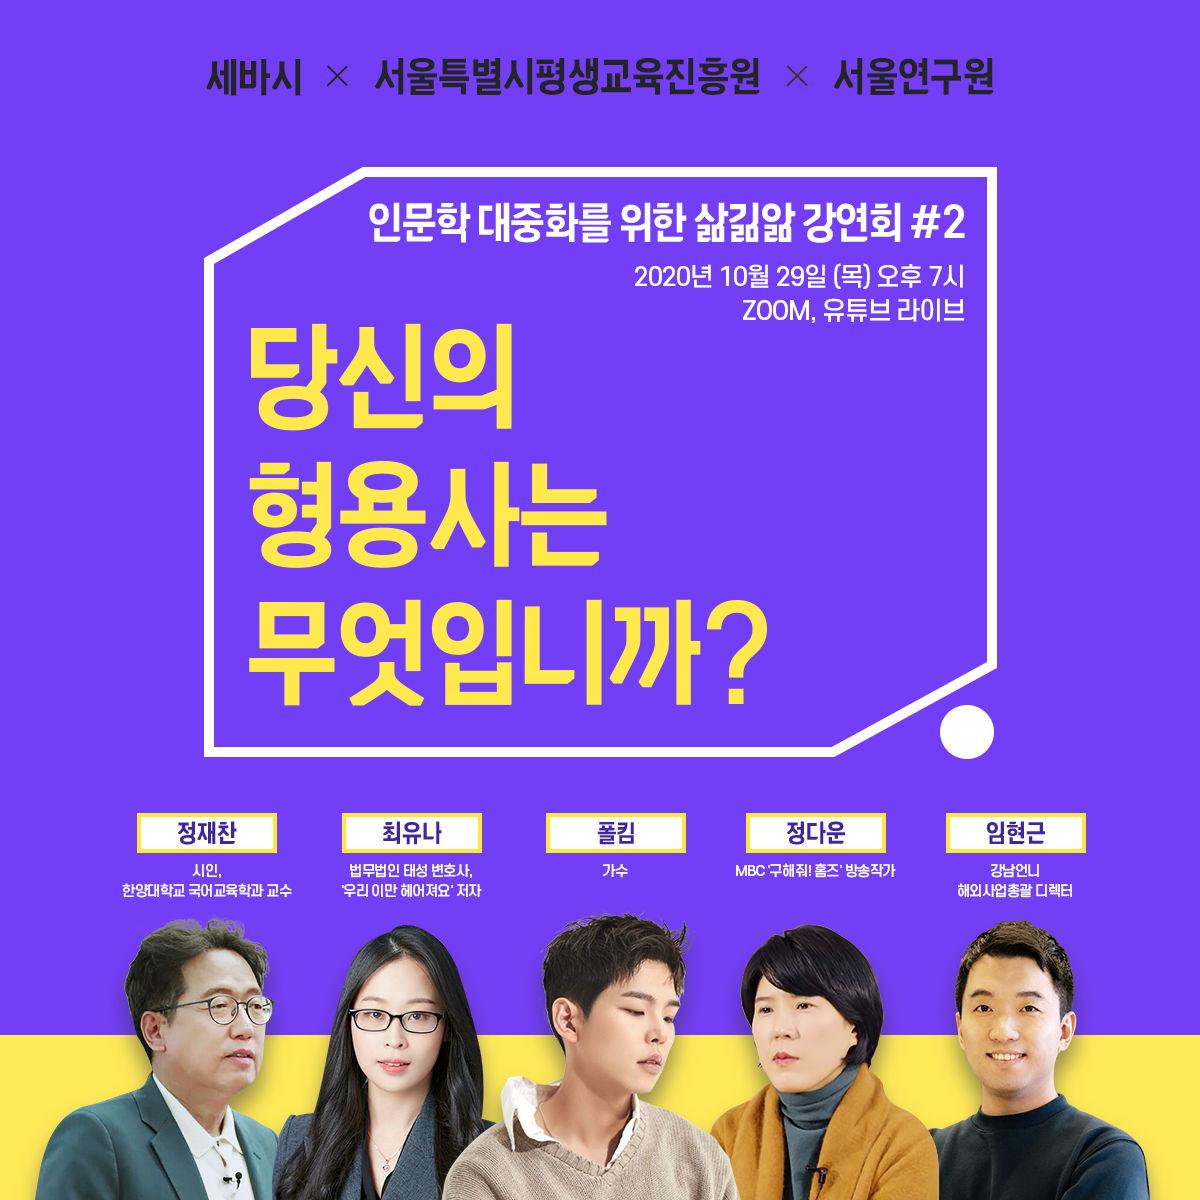 서울시, 서울연구원과 세바시 인문학 강연으로 시민들과 만나